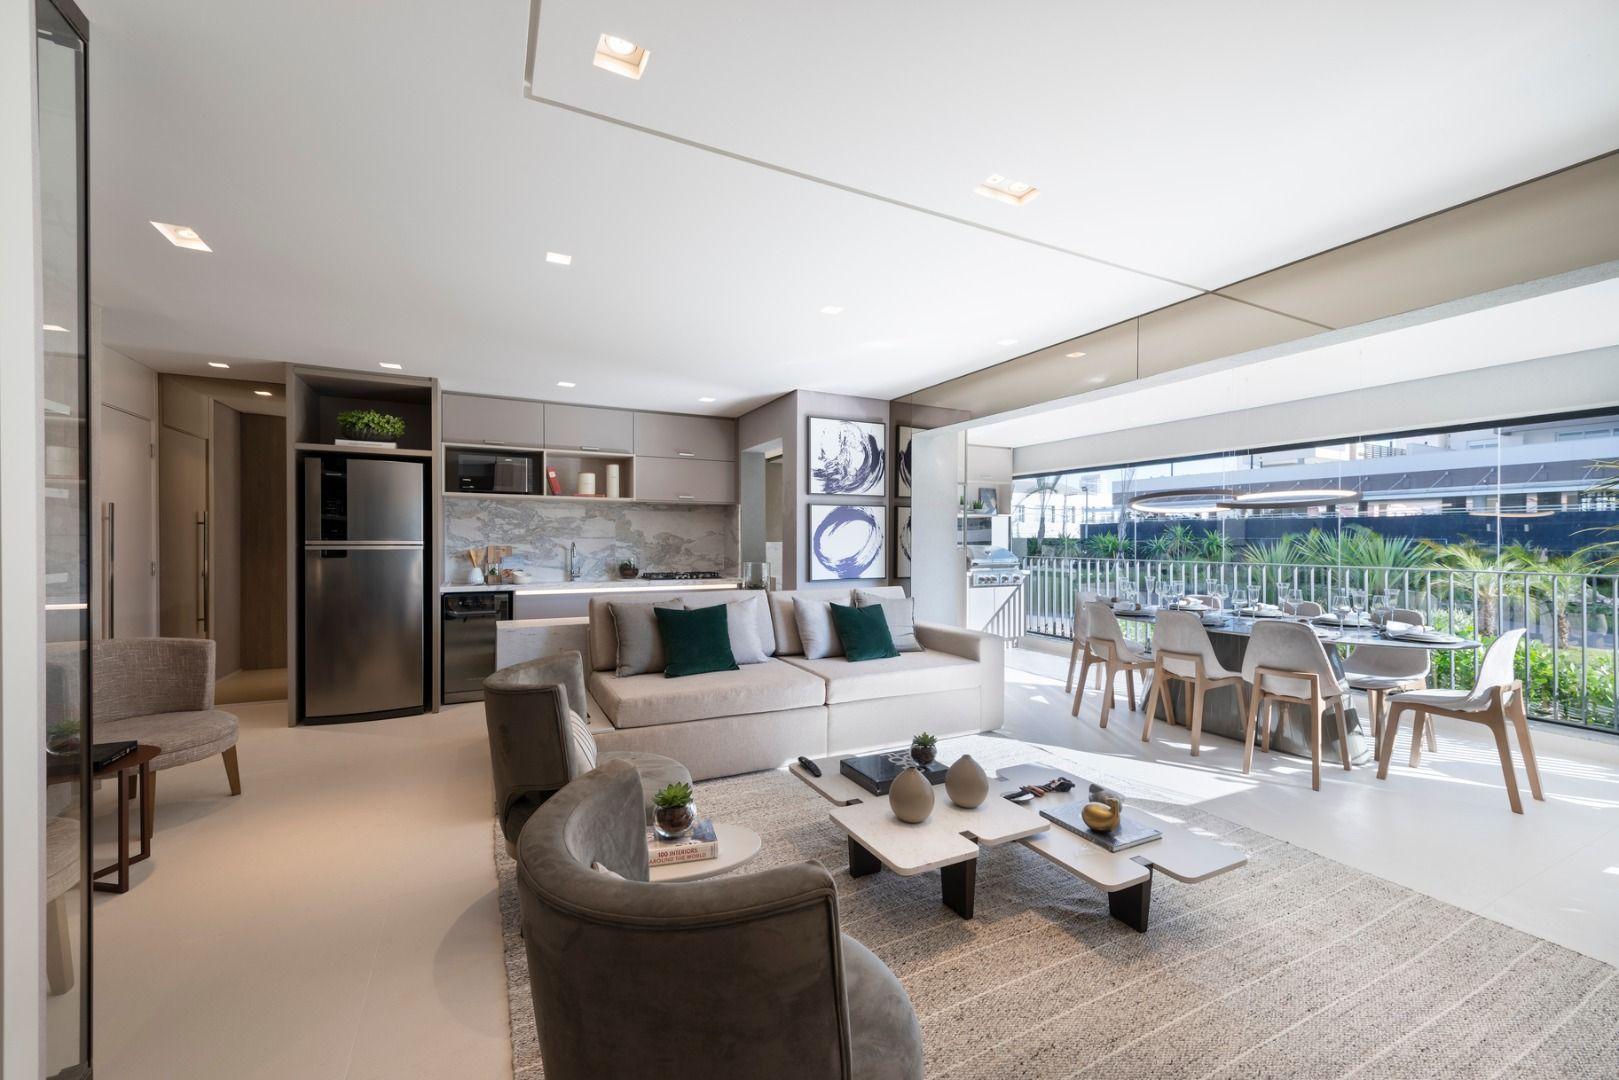 LIVING do apto de 94 m² com opção de sala ampliada. Nessa configuração o caixilho de divisão entre sala e terraço foi removido, possibilitando uma completa integração entre os ambientes sociais.